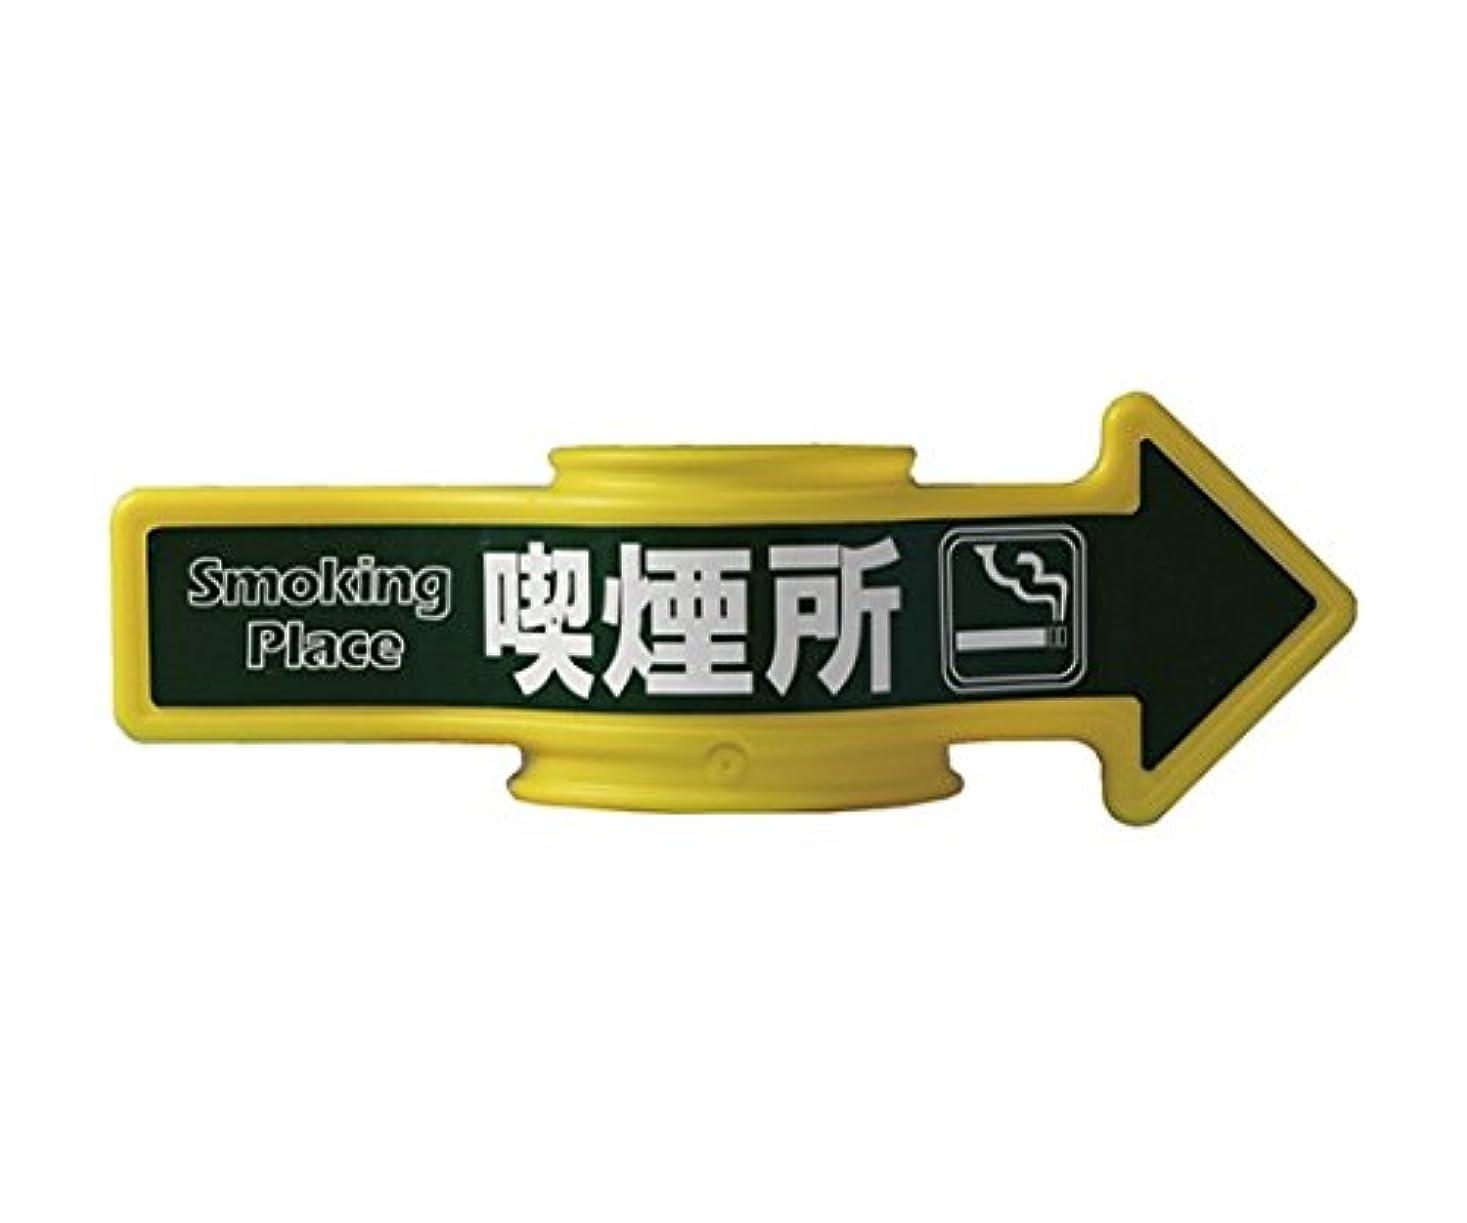 ハント精緻化内側日本緑十字社 ステッカー コーンアロー?チェインアロー兼用 喫煙所 61-9939-37/CA-2S